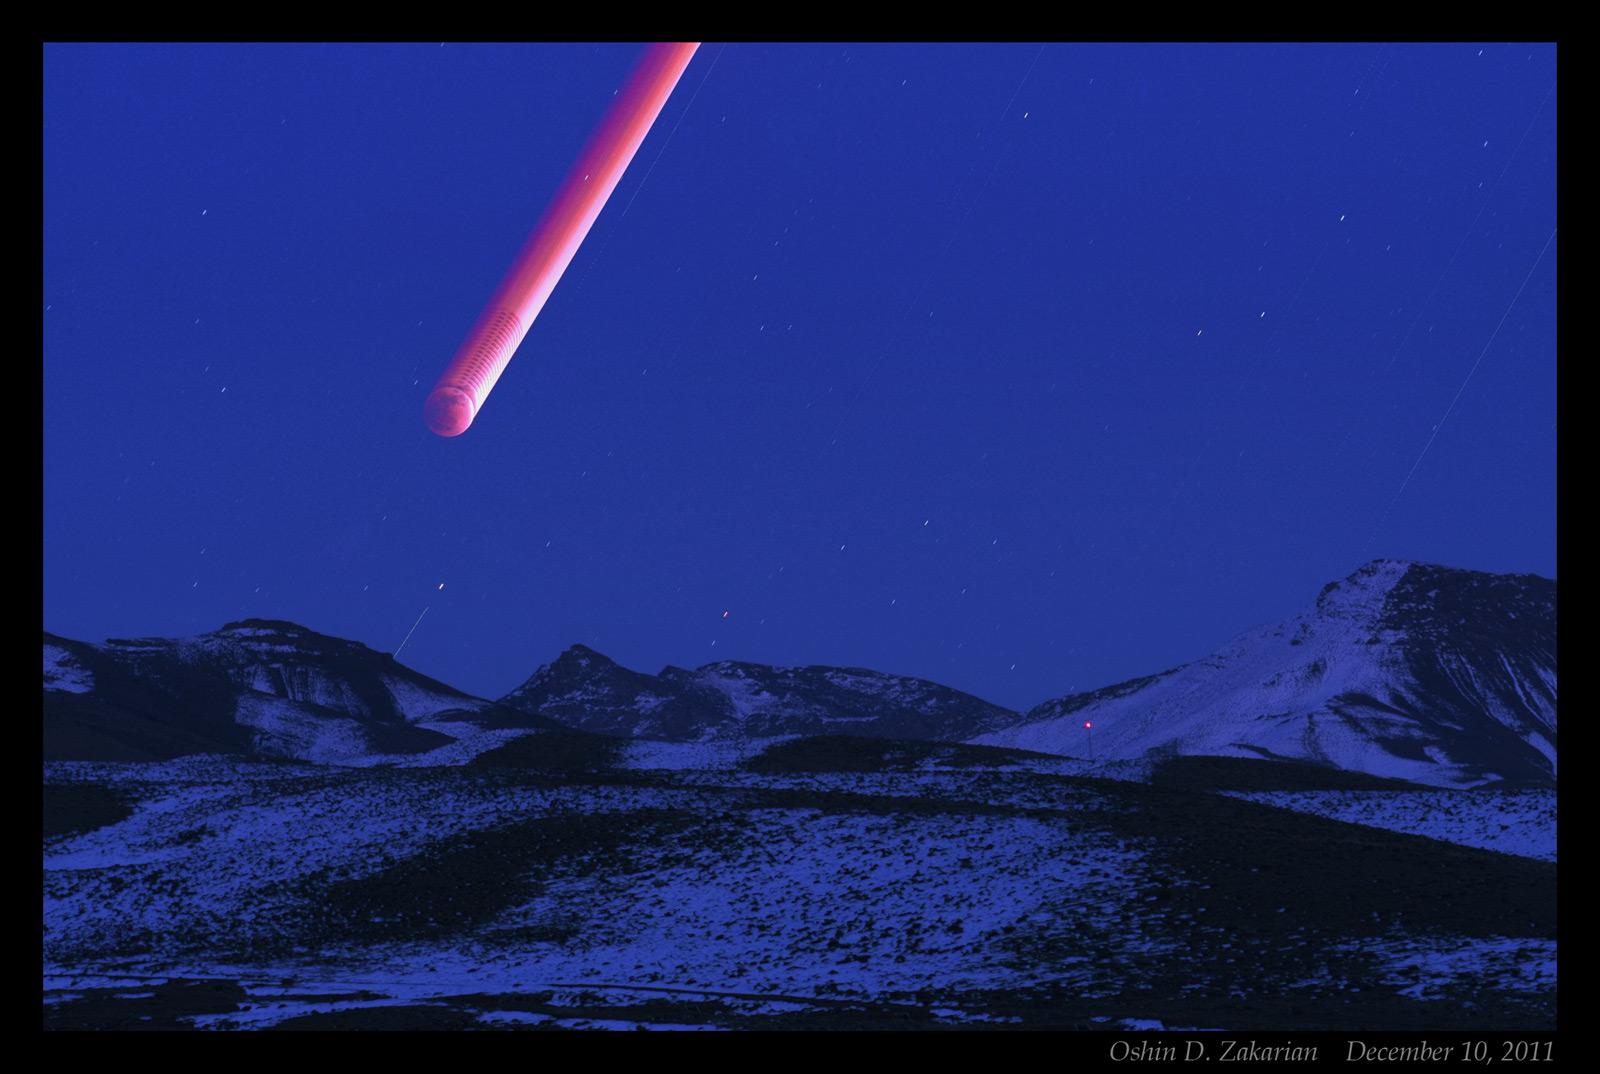 une série d'images de l'éclipse de lune du 10/12/11 en Iran( 10/12/11 redmoon in Iran)